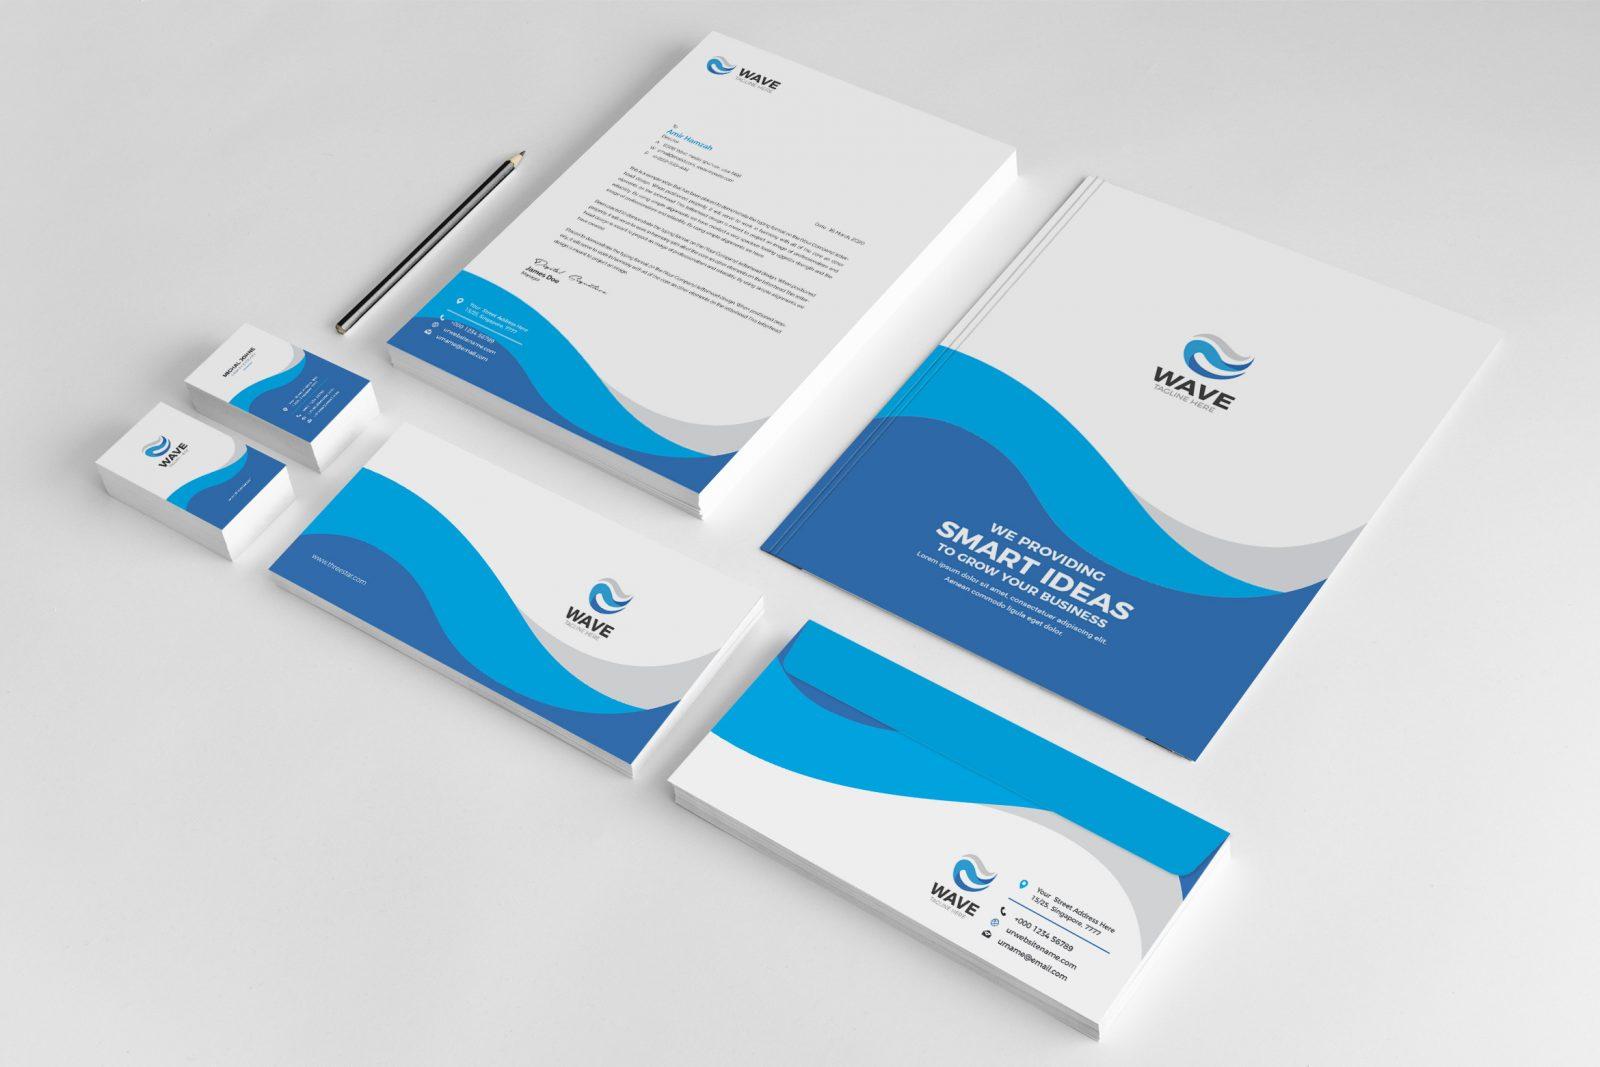 wave creative corporate identity design template 001950